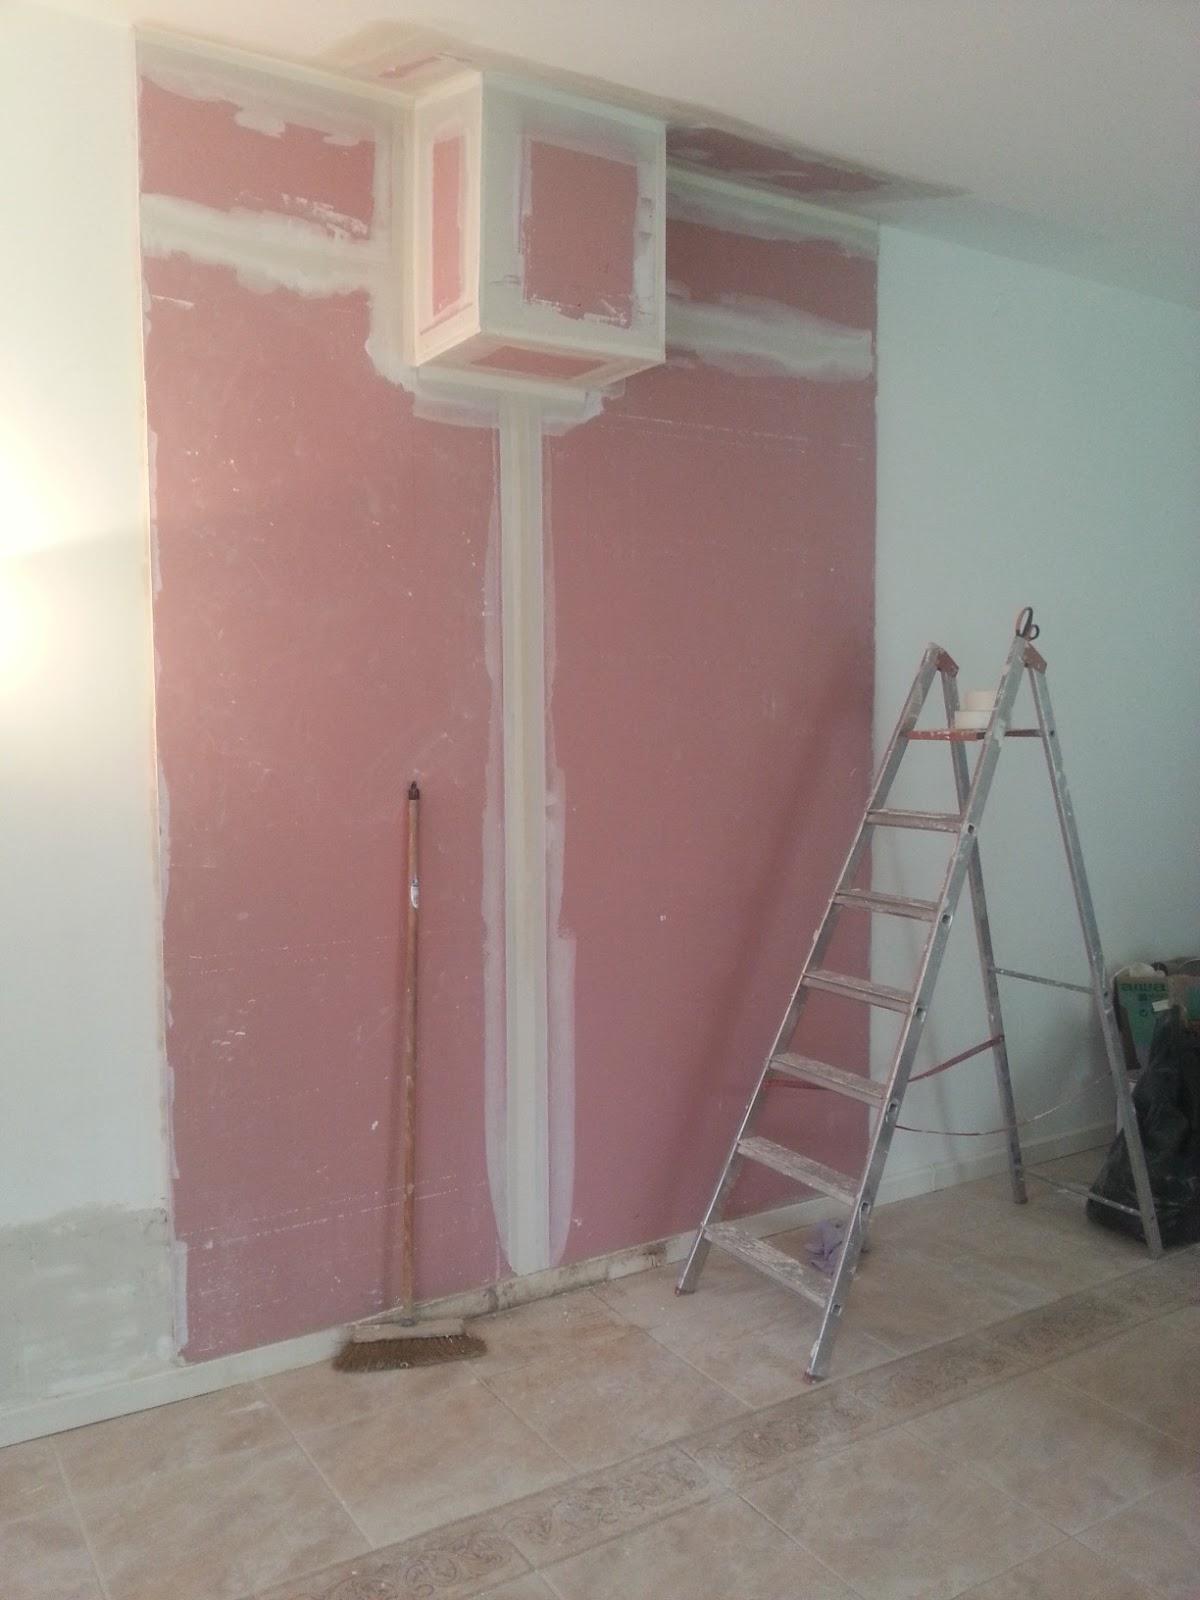 b t s habillage conduit de chemin e mur placoflam joints de placo 3 passes pon age. Black Bedroom Furniture Sets. Home Design Ideas